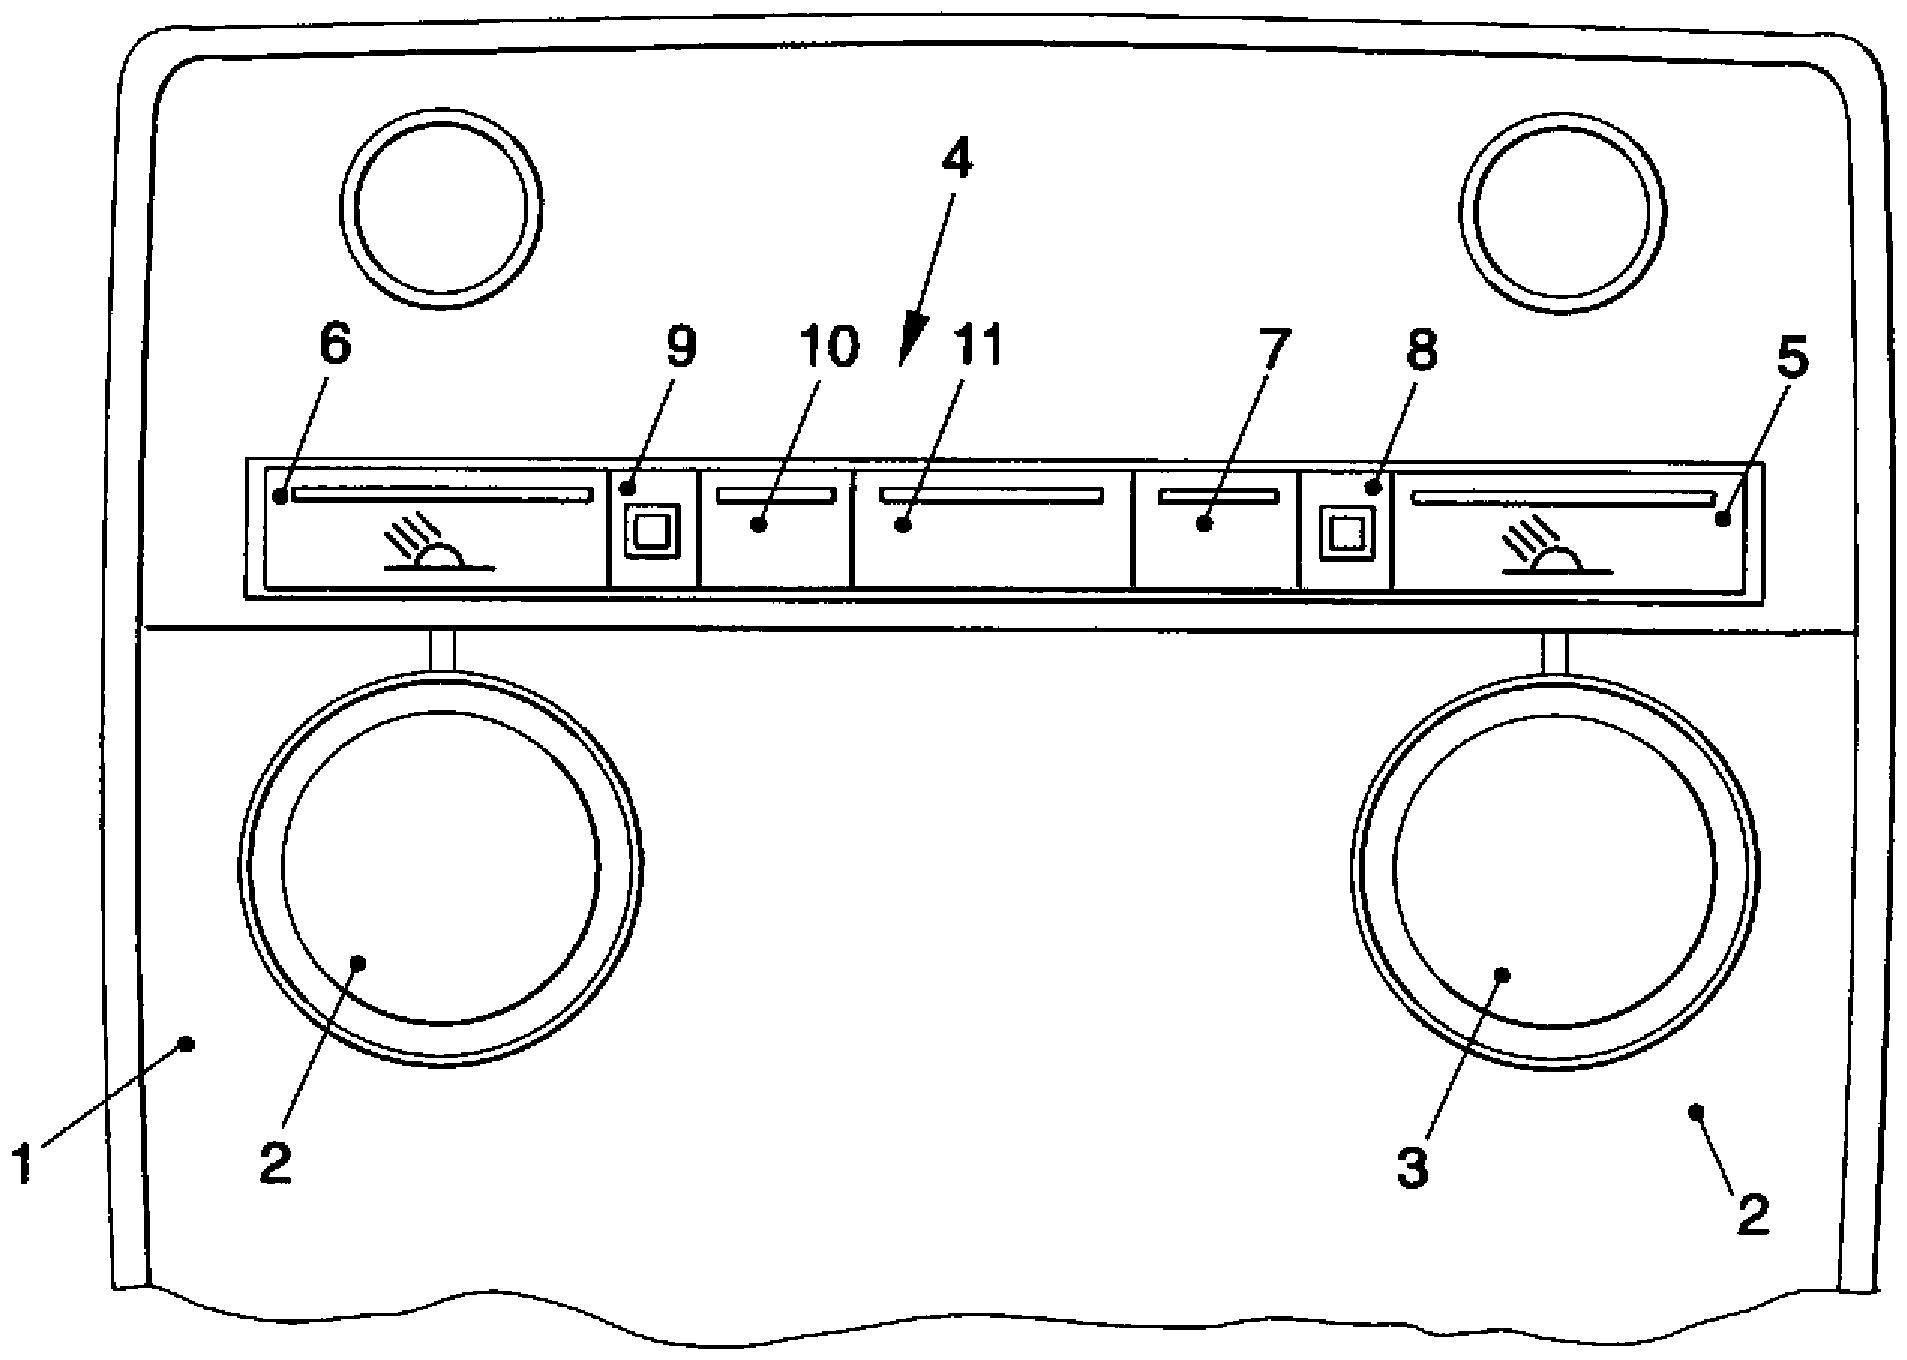 Figure DE000019963191B4_0000